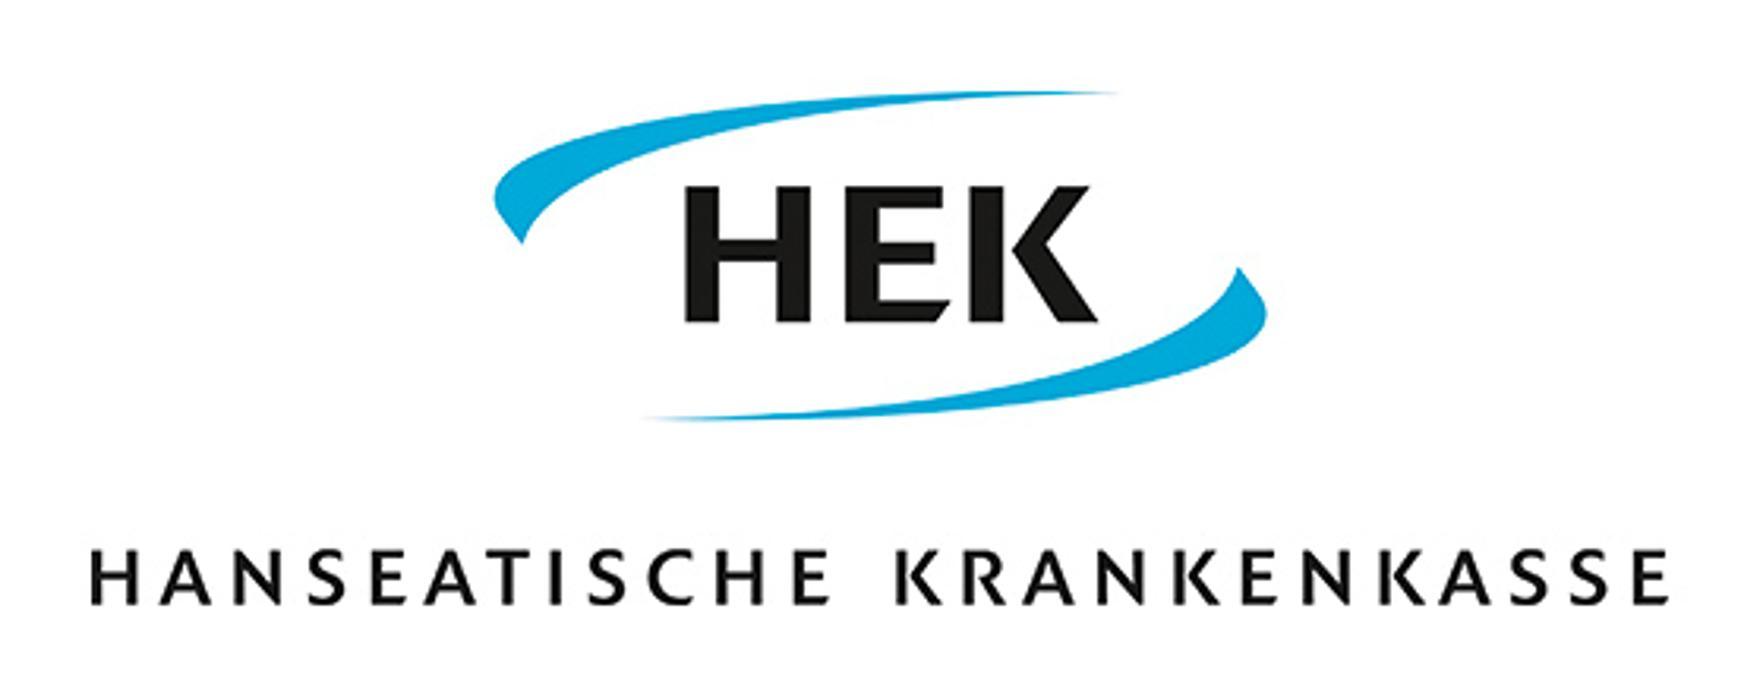 Bild zu HEK - Hanseatische Krankenkasse in Saarbrücken